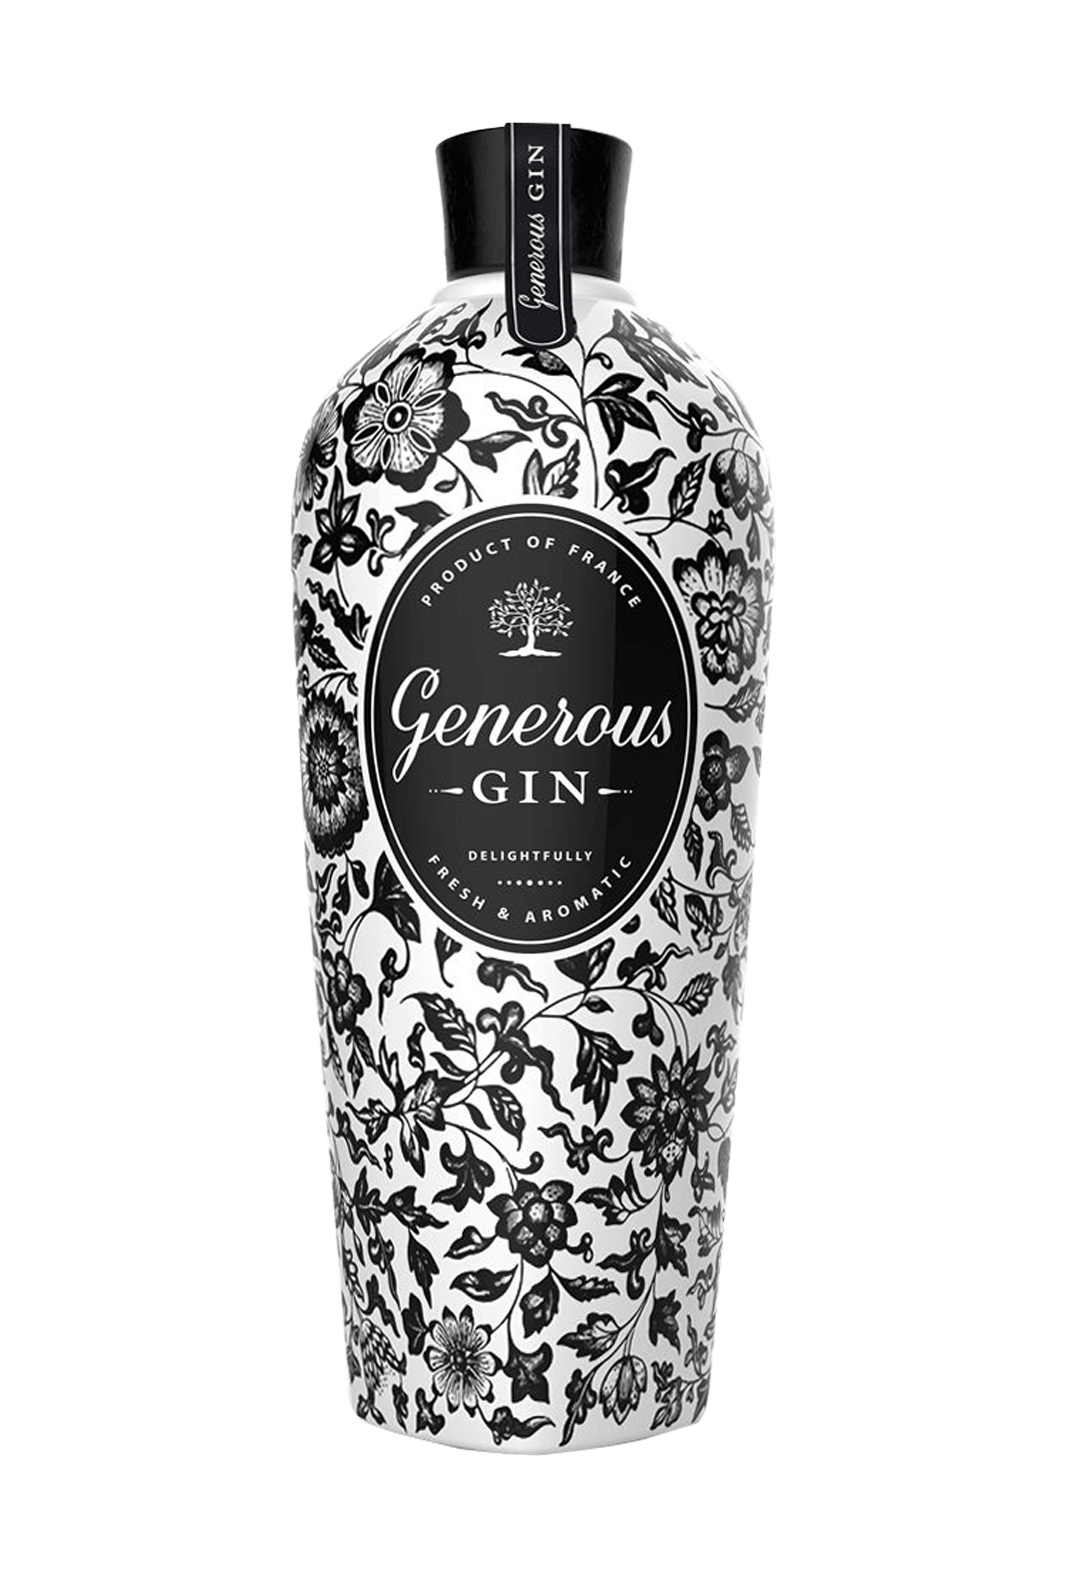 generous_gin_rr_selection_spletna_trgovina_alkoholna_pijaca_slovenija.jpg